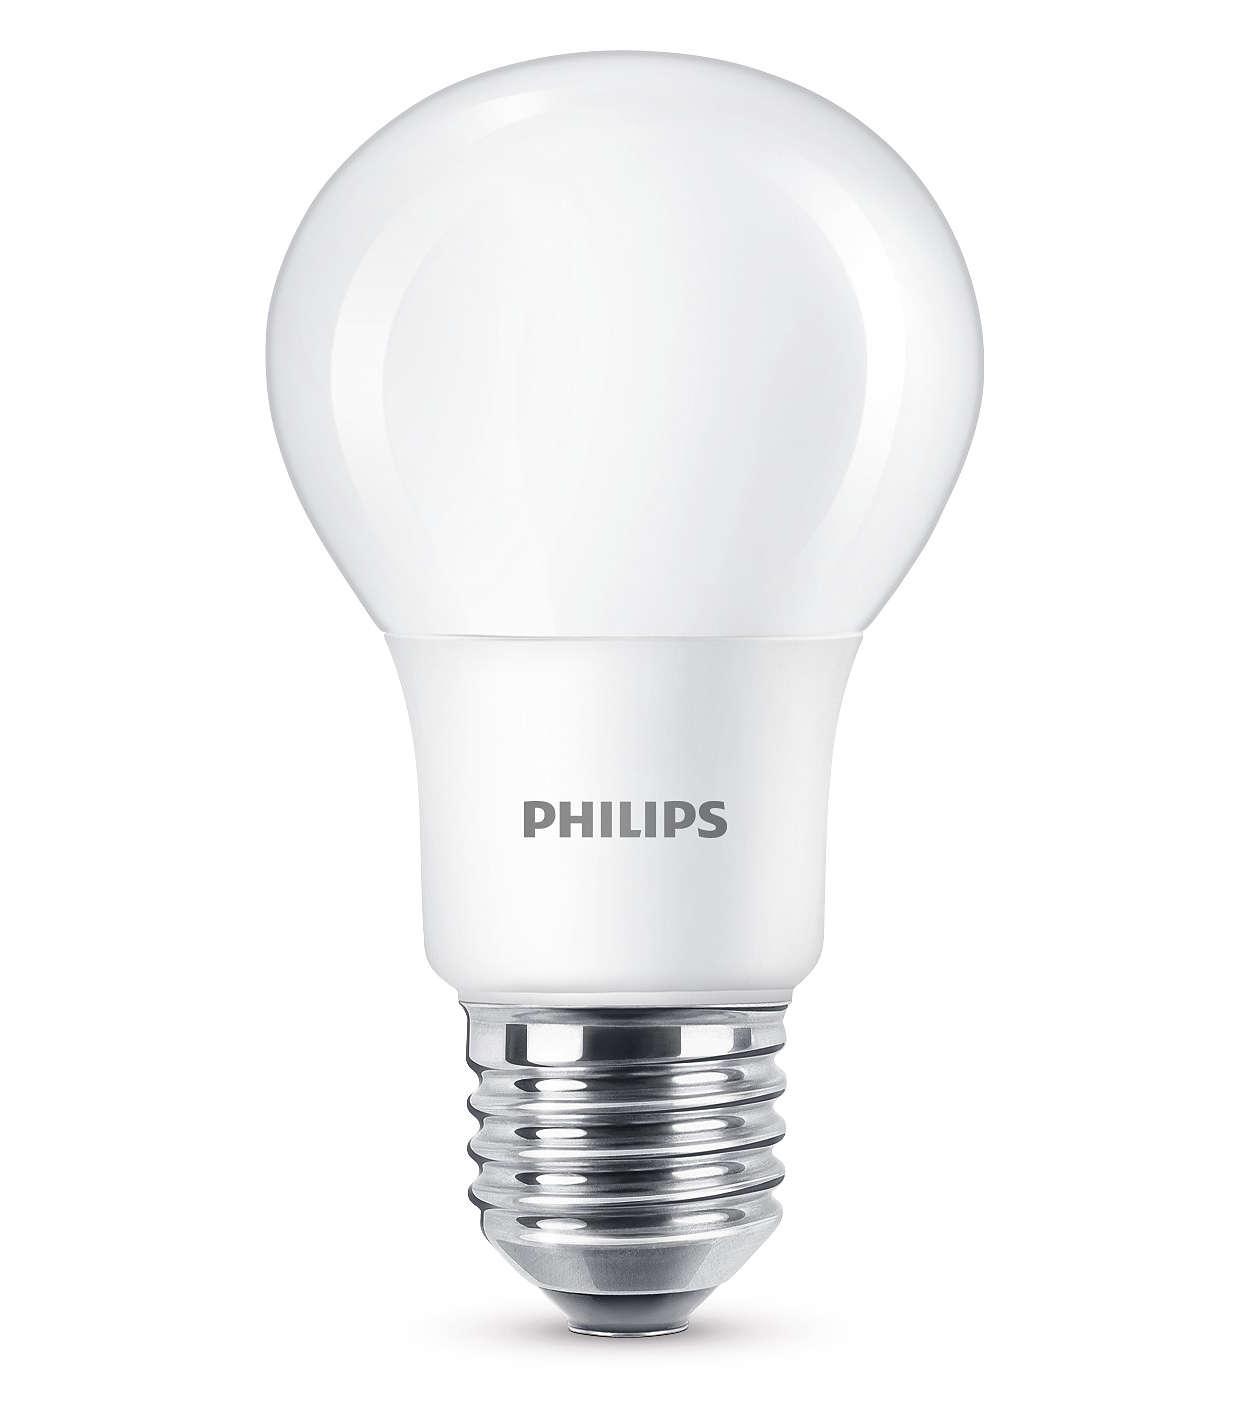 Lumière blanche et chaude d'excellente qualité